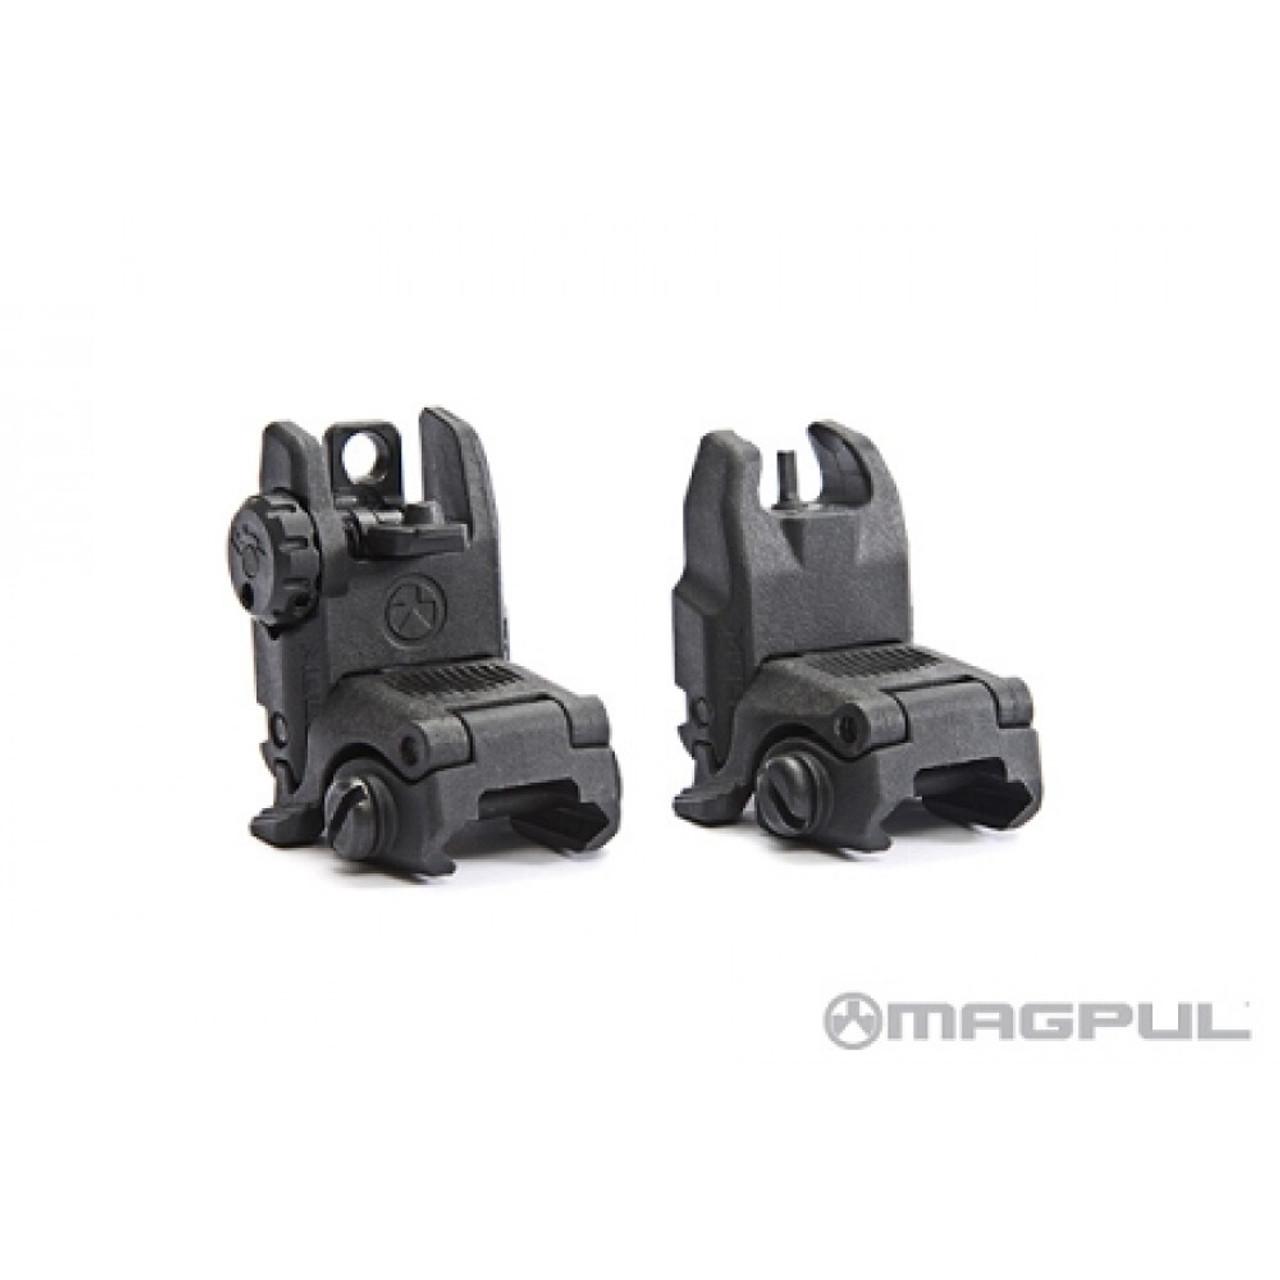 Magpul Gen 2 MBUS Front Flip Sight Black MAG247-BLK NEW